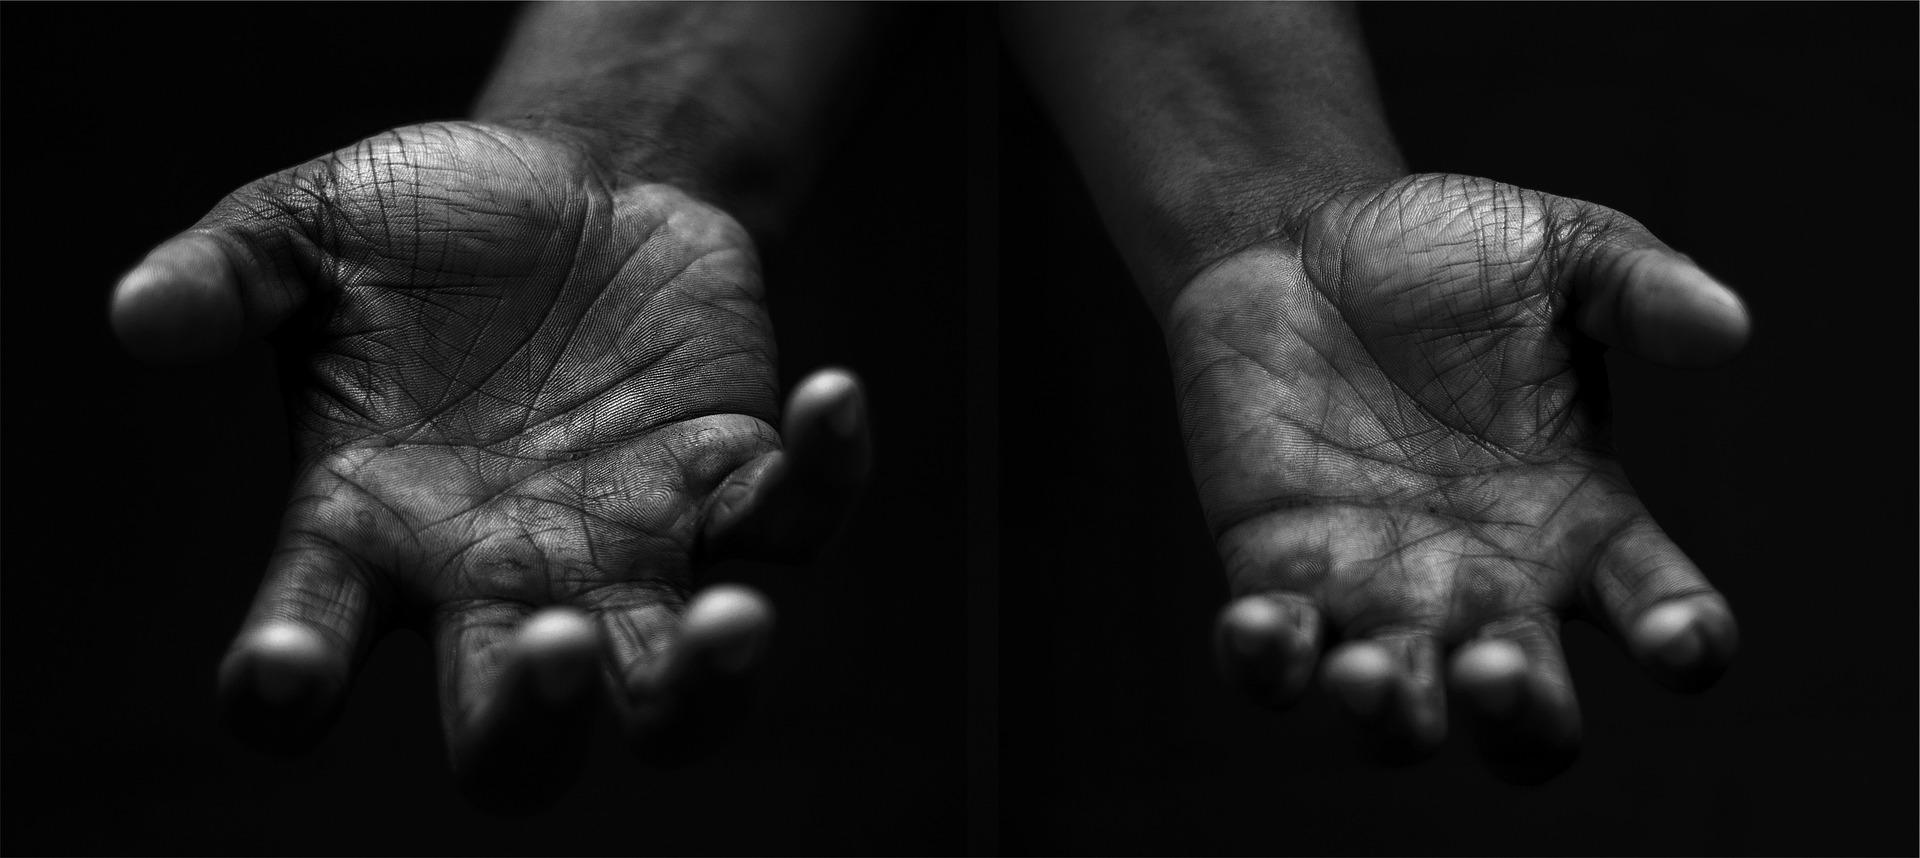 hands-698561_1920